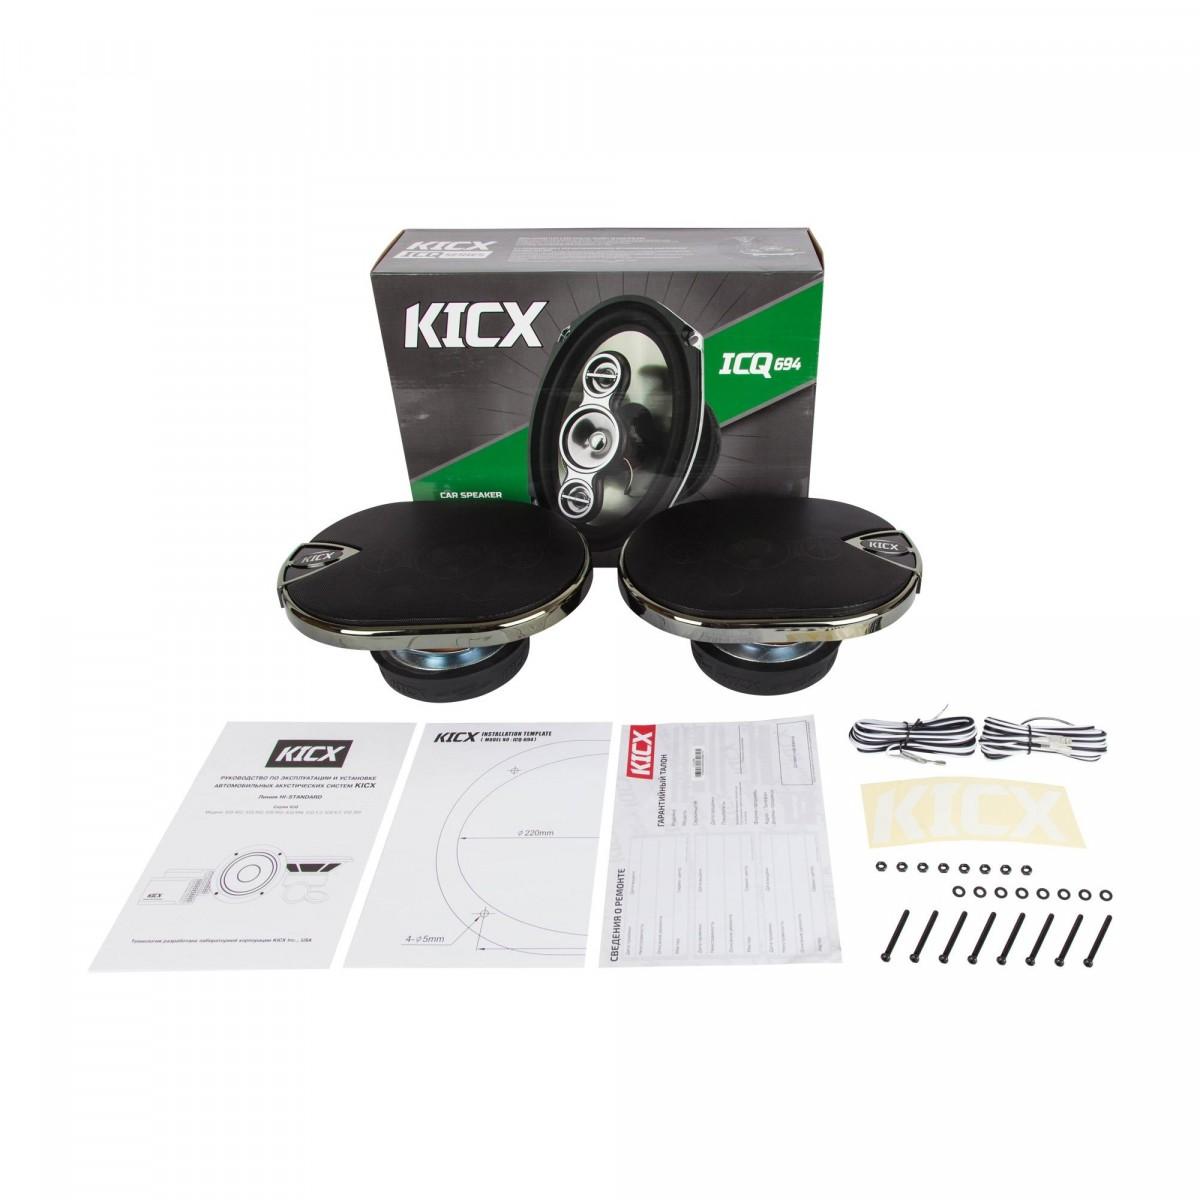 Коаксиальные динамики Kicx ICQ-694